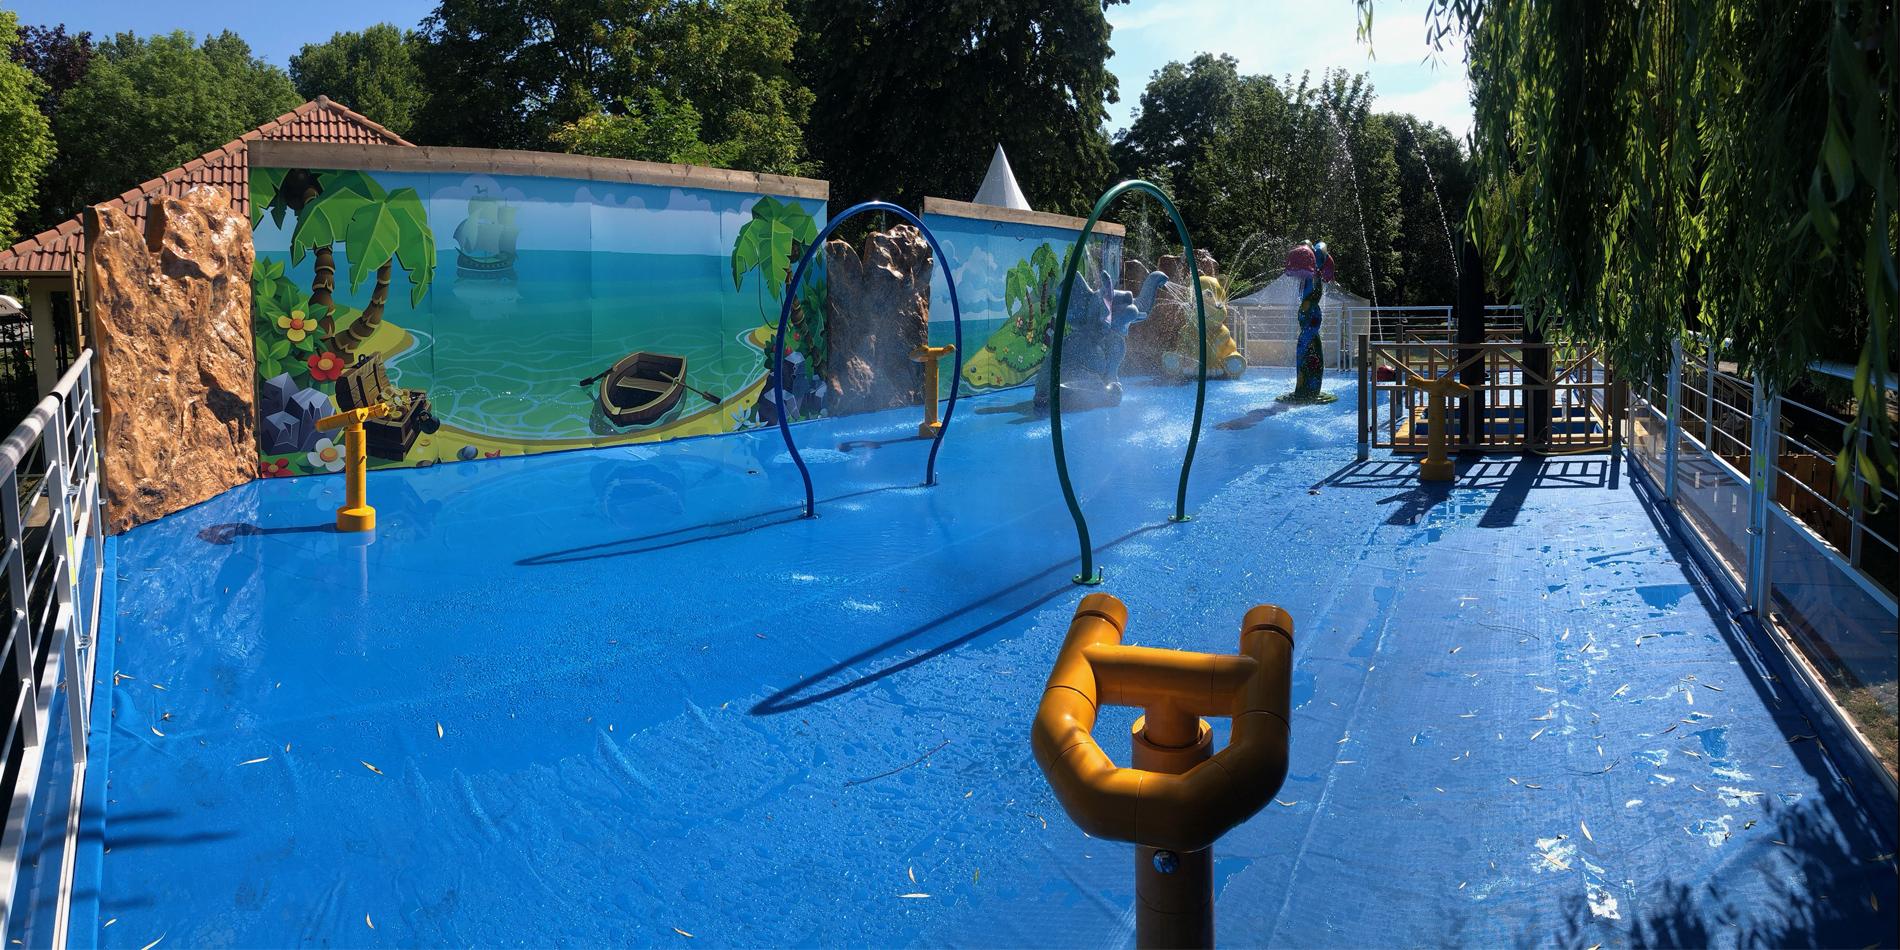 Jeux aquatiques Neuilly-Sur-Marne